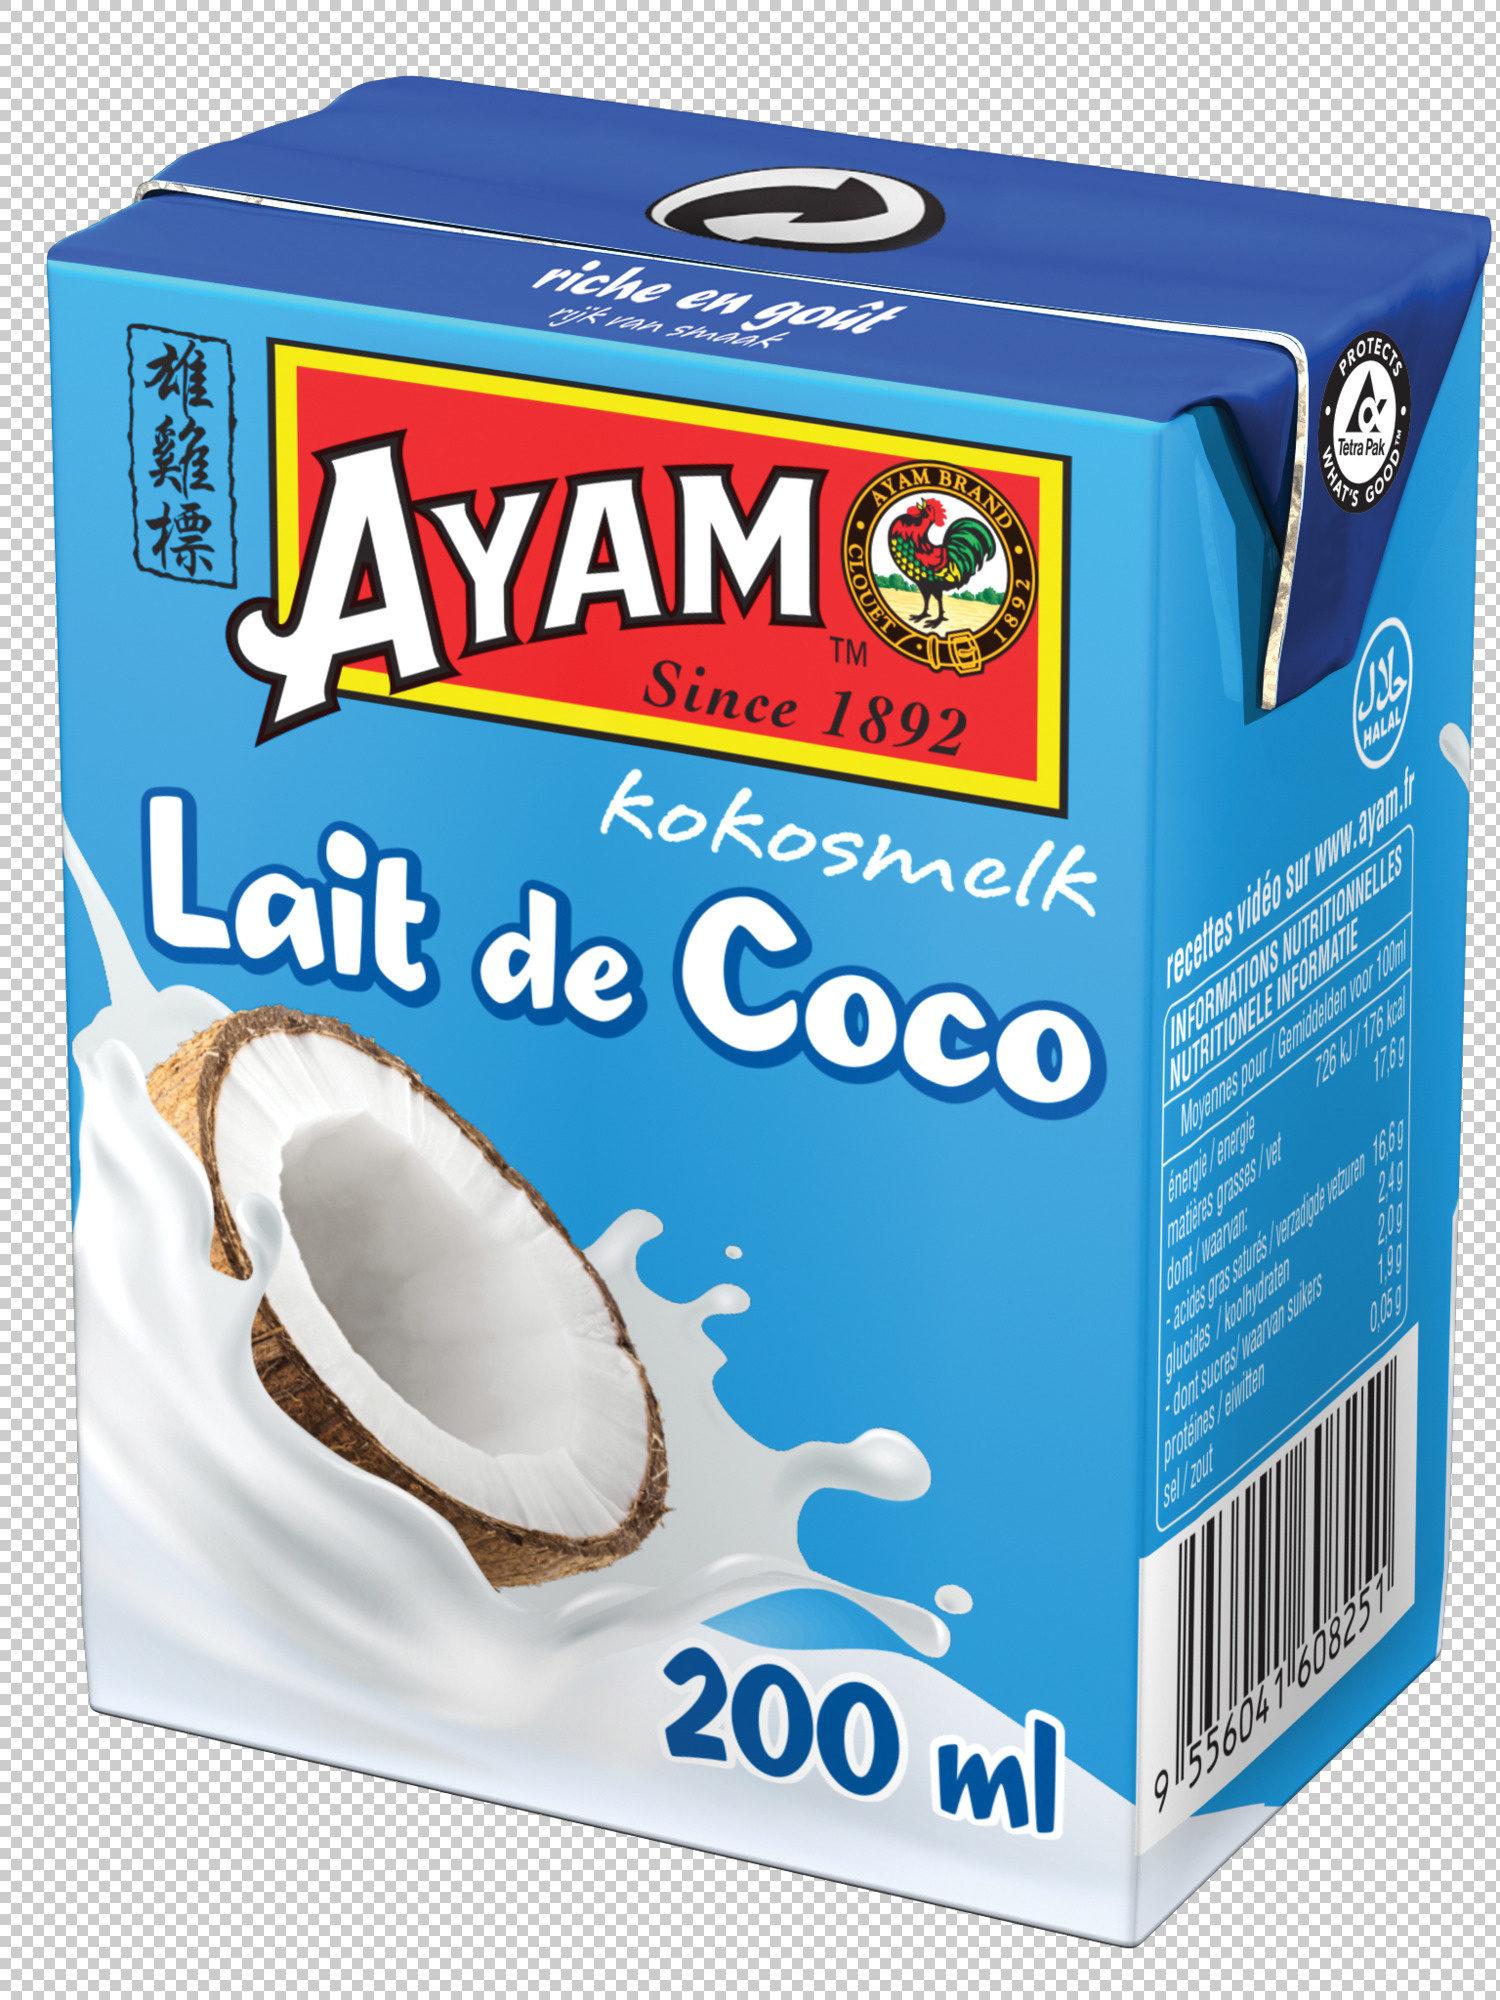 Lait de Coco Ayam™ - Product